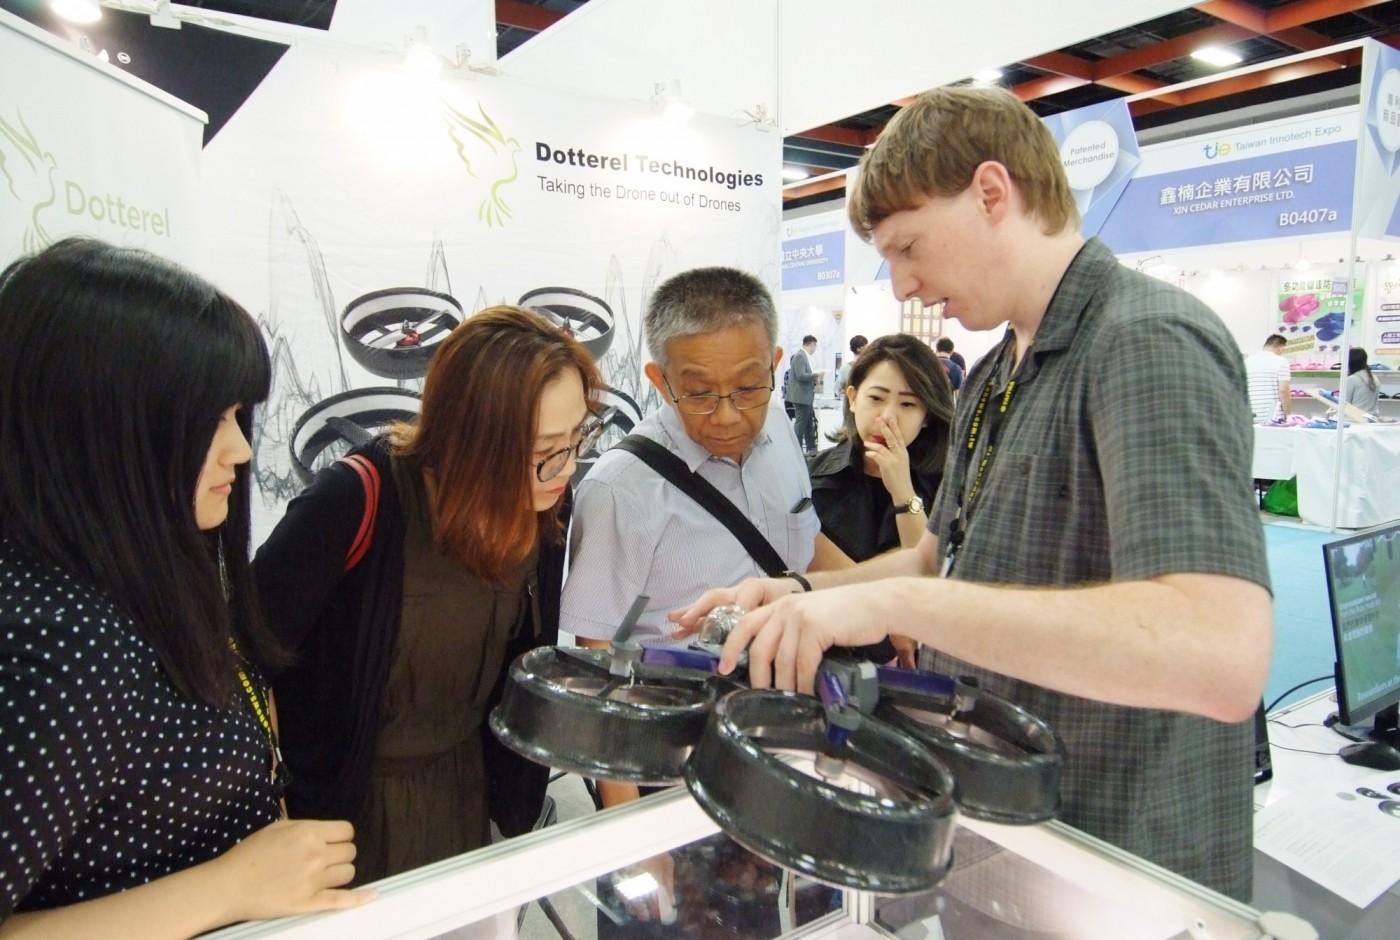 2018年台灣創新技術博覽會圓滿落幕 跨域研發技術國際肯定